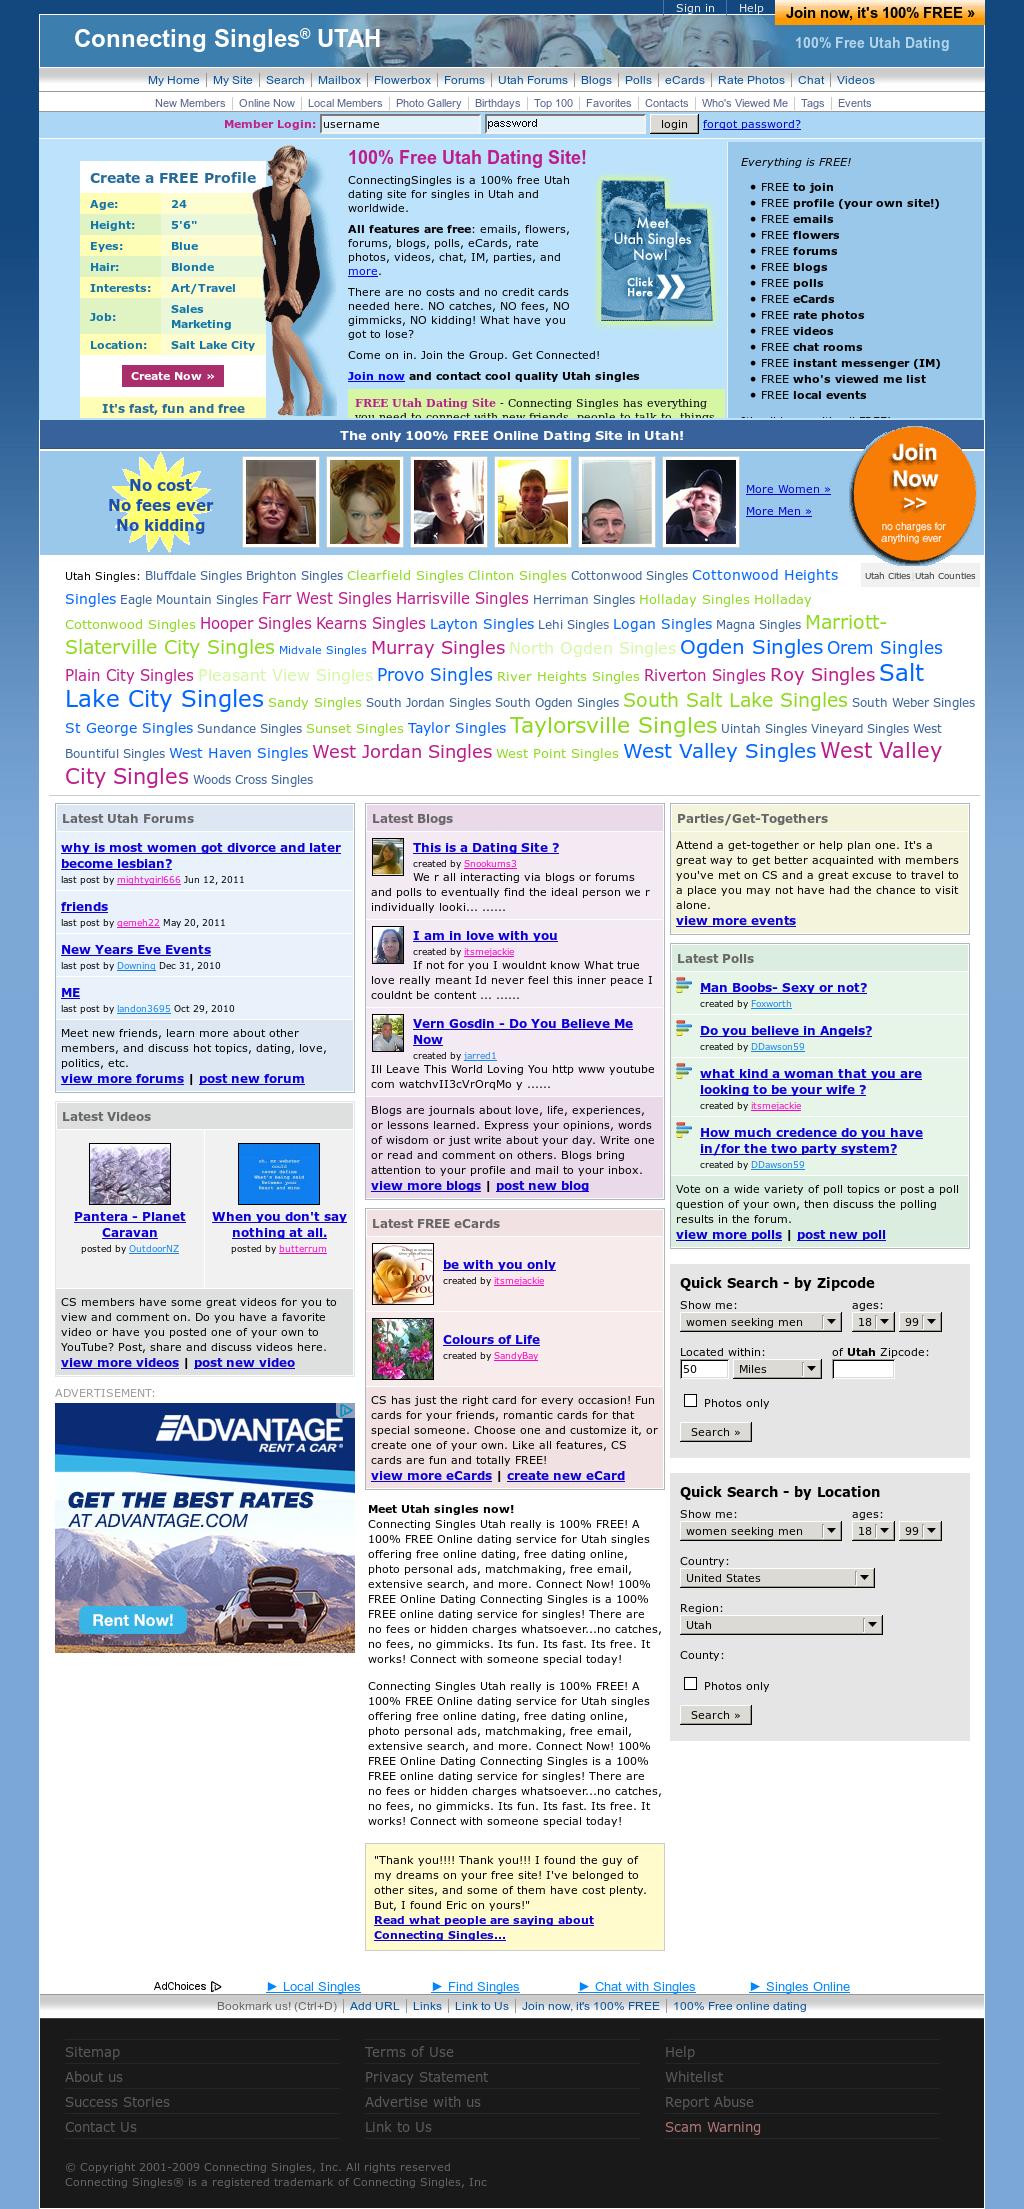 sa 100 free dating site